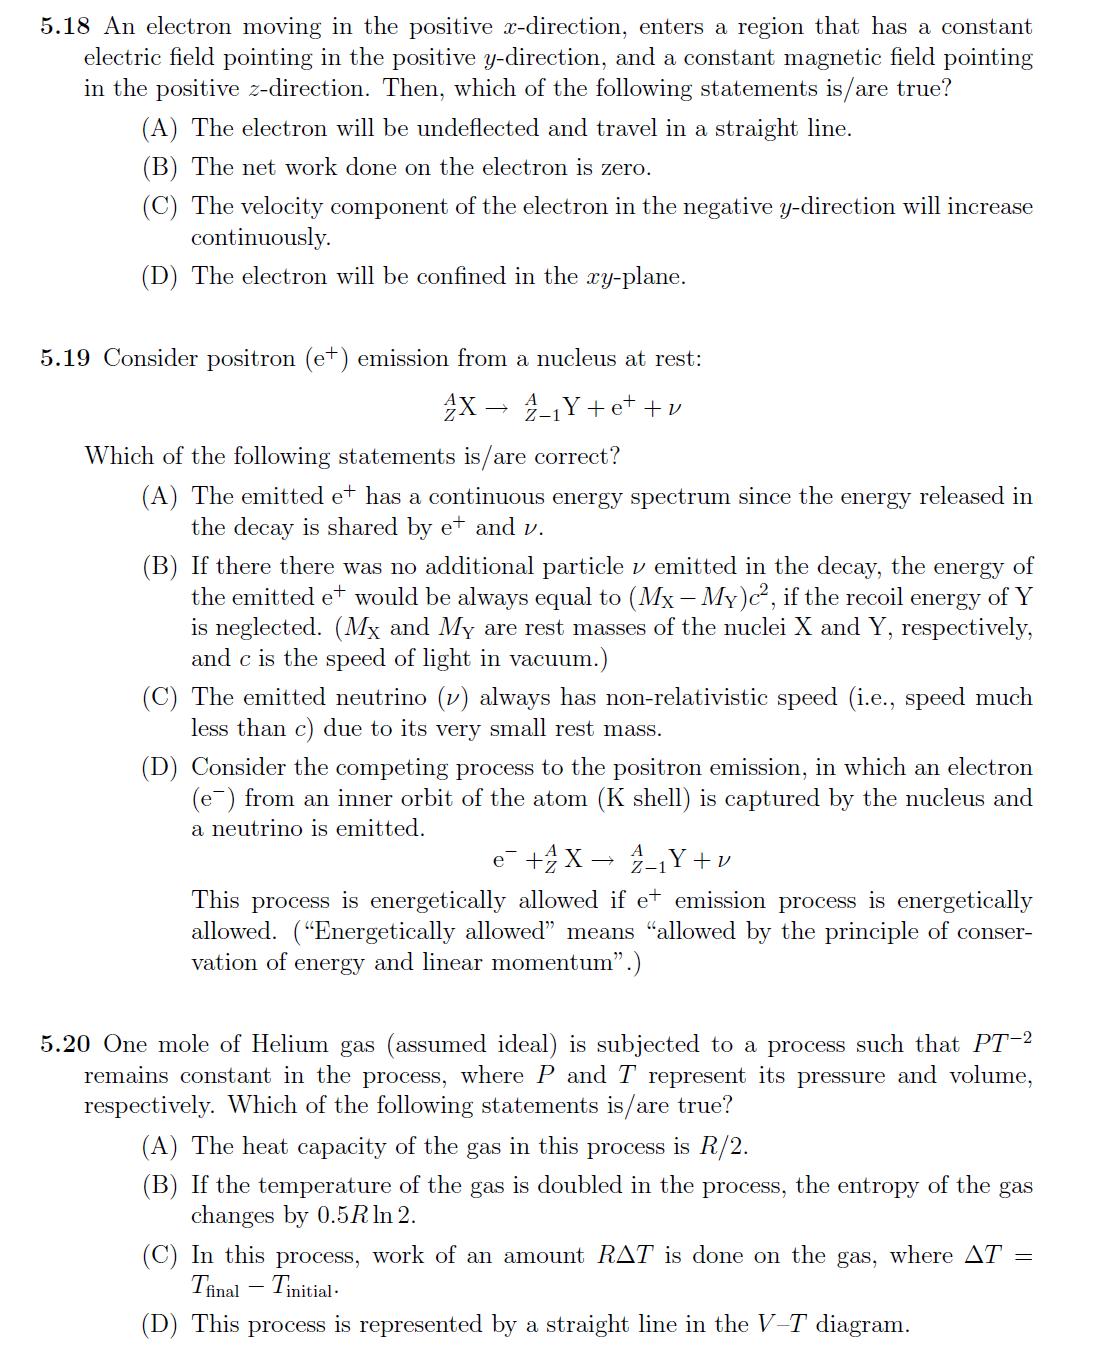 NEST 2010 Question Paper